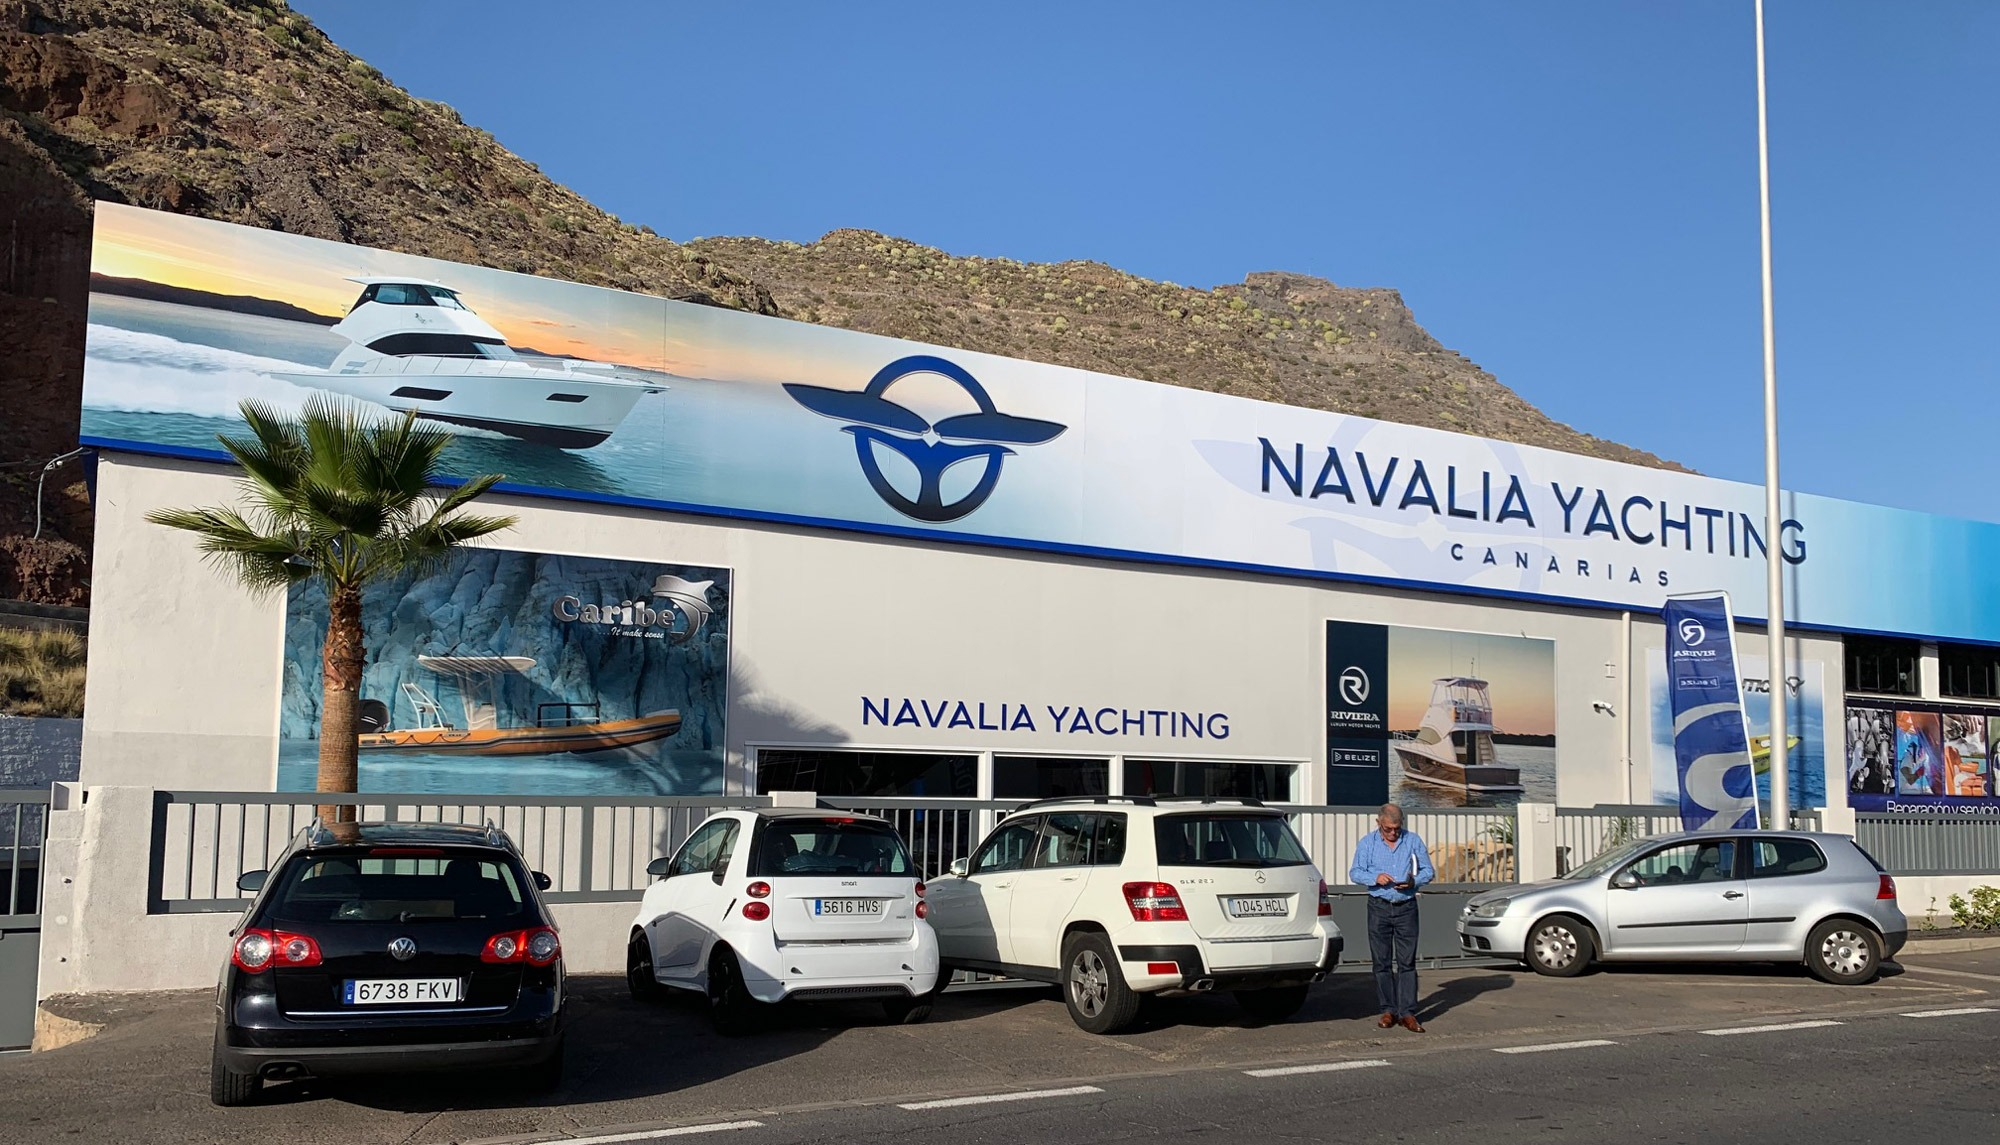 Navalia Yachting Canarias